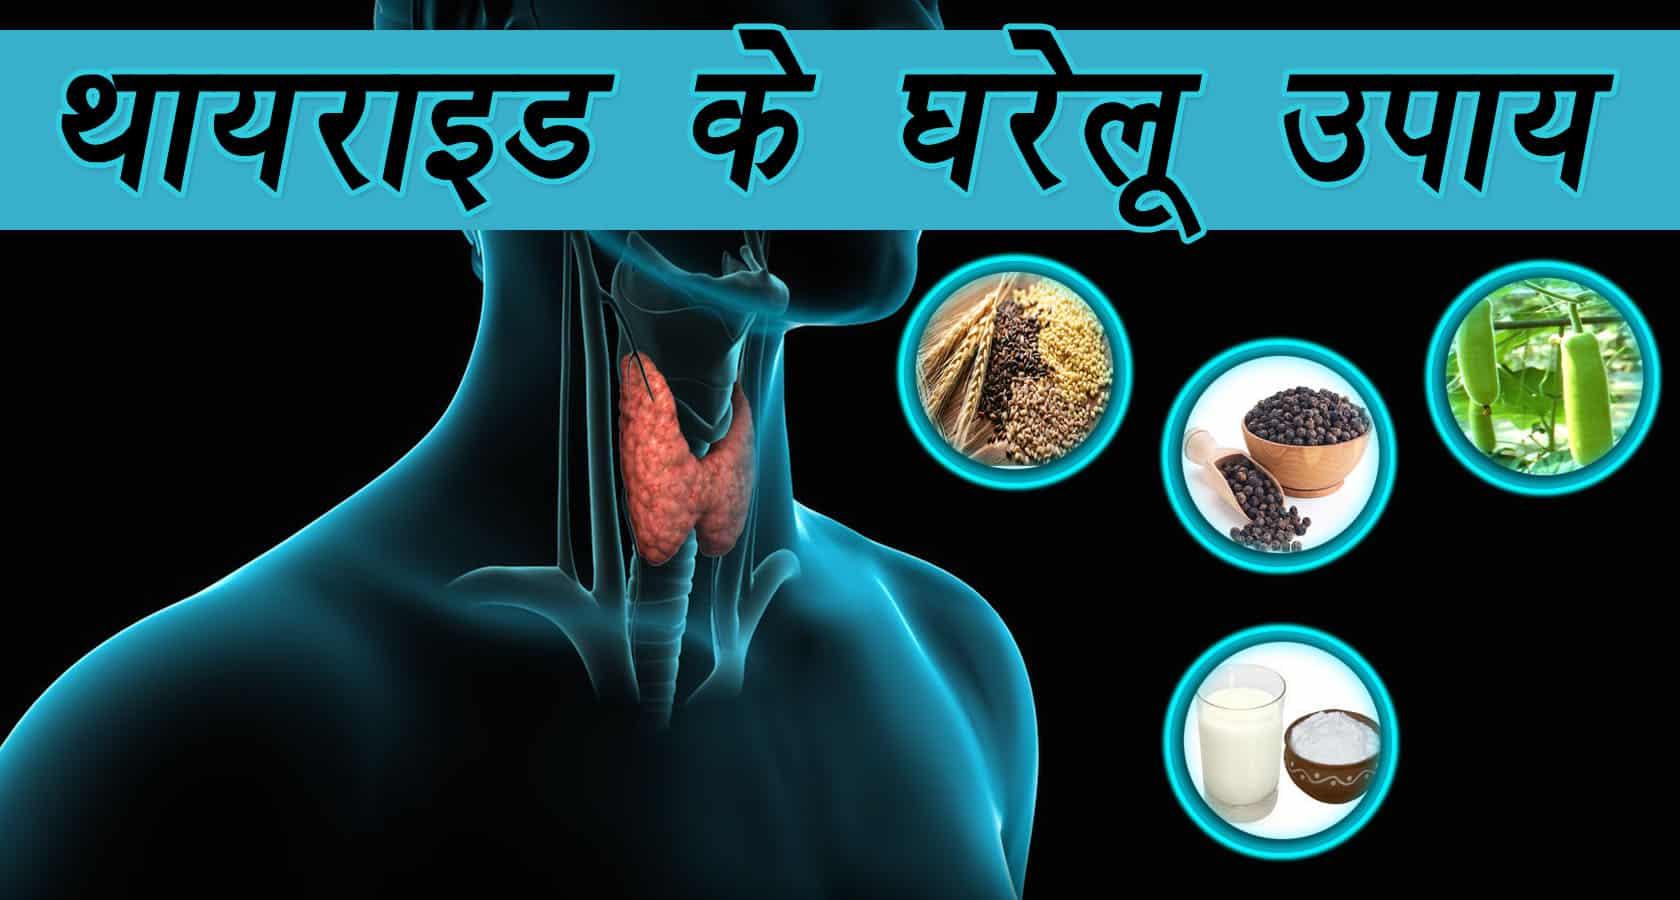 थायराइड के घरेलू उपचार | Thyroid